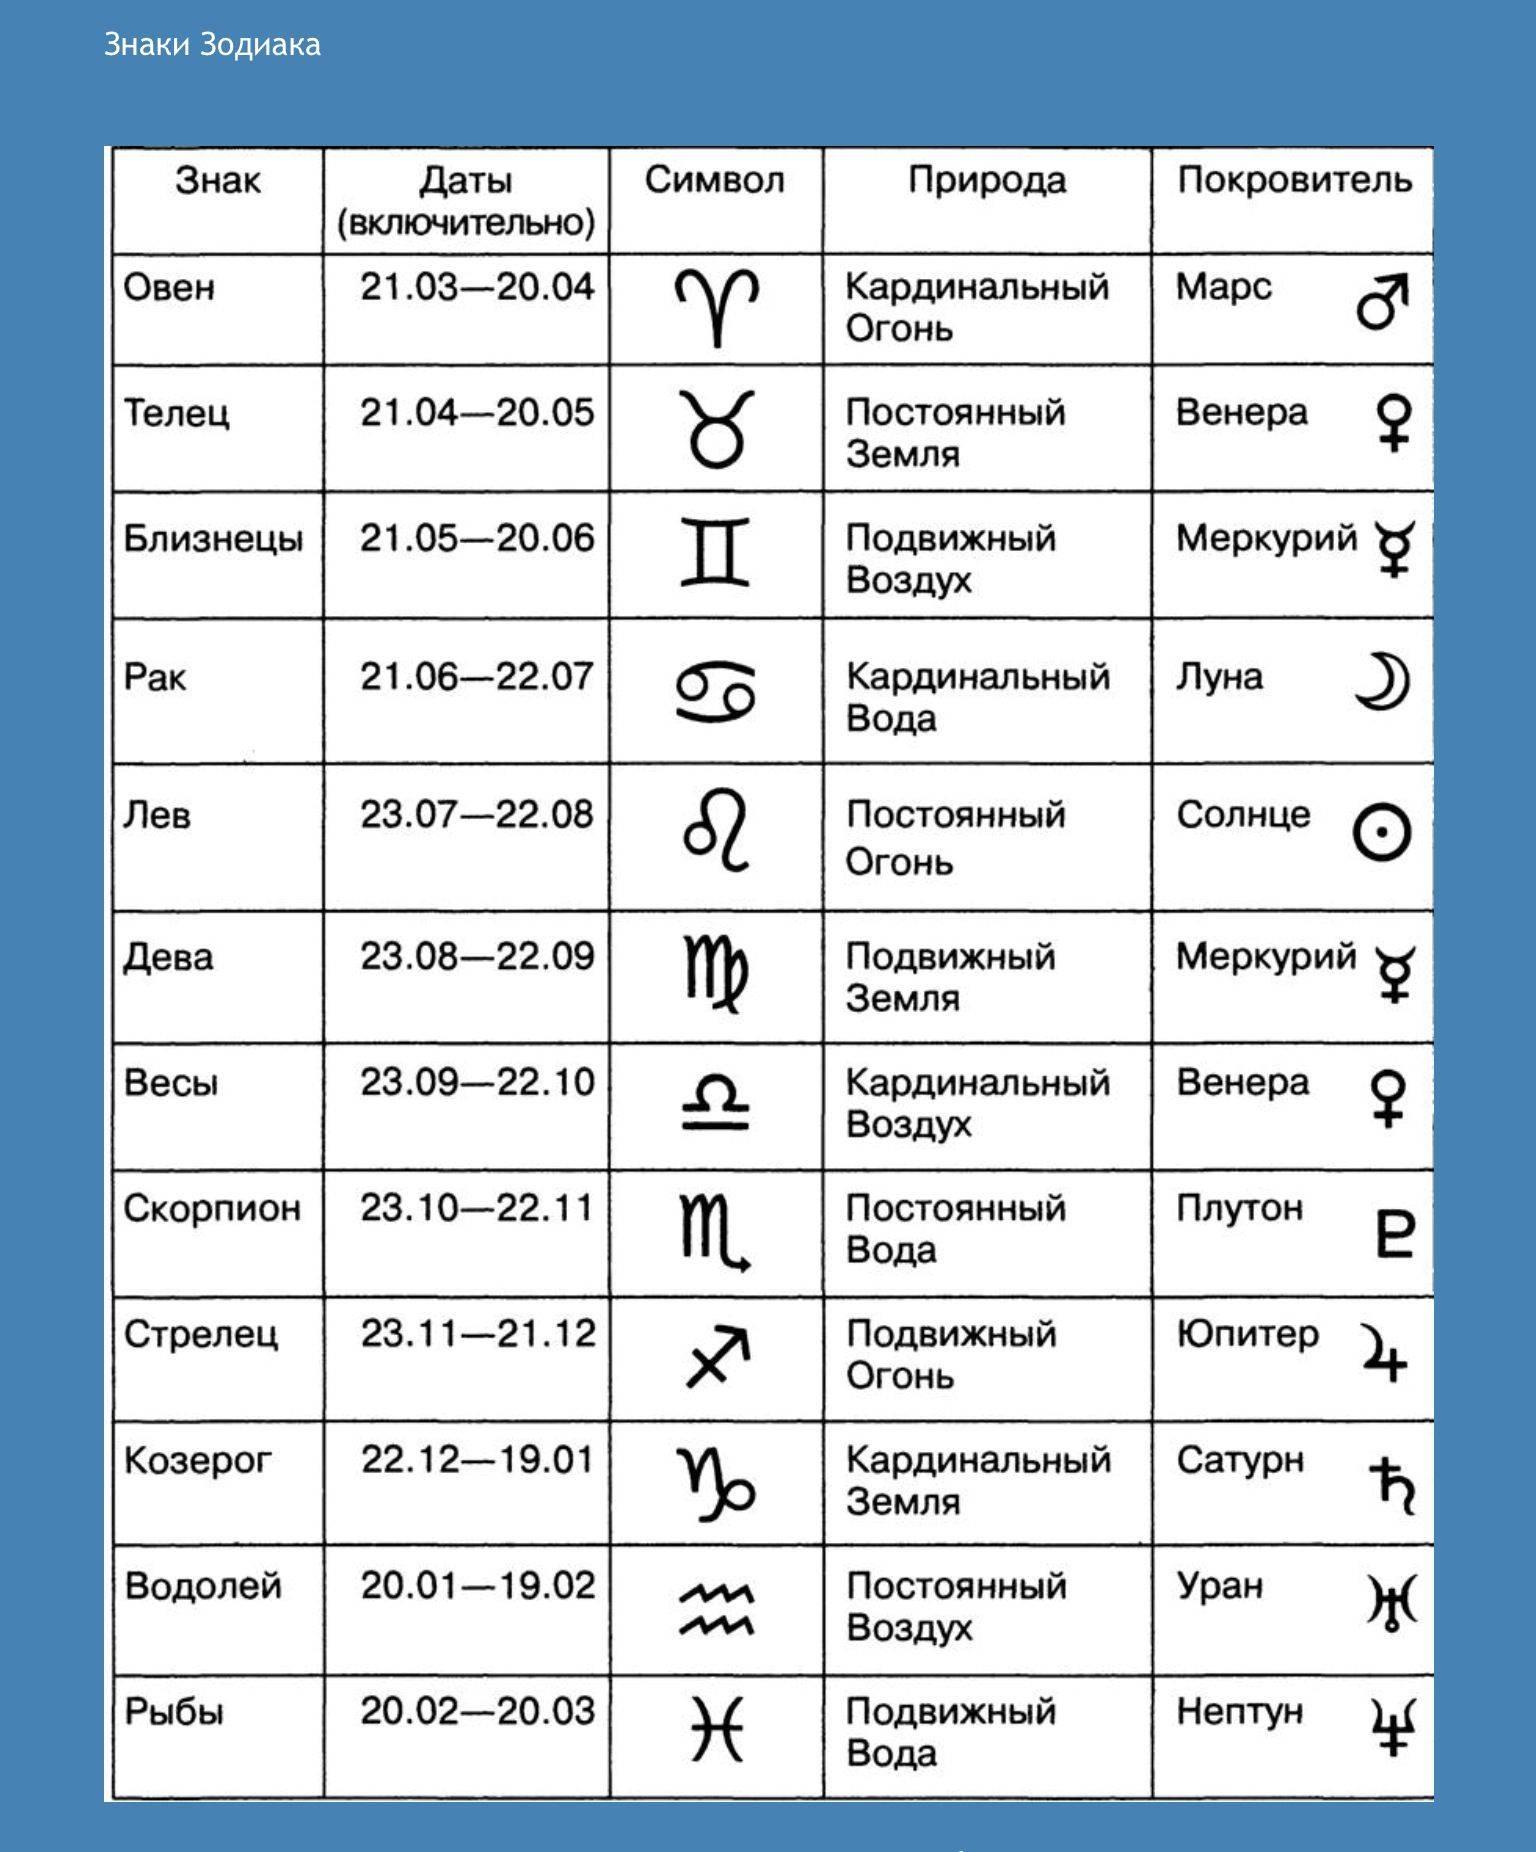 Гороскоп на 2020 год | 1001 гороскоп